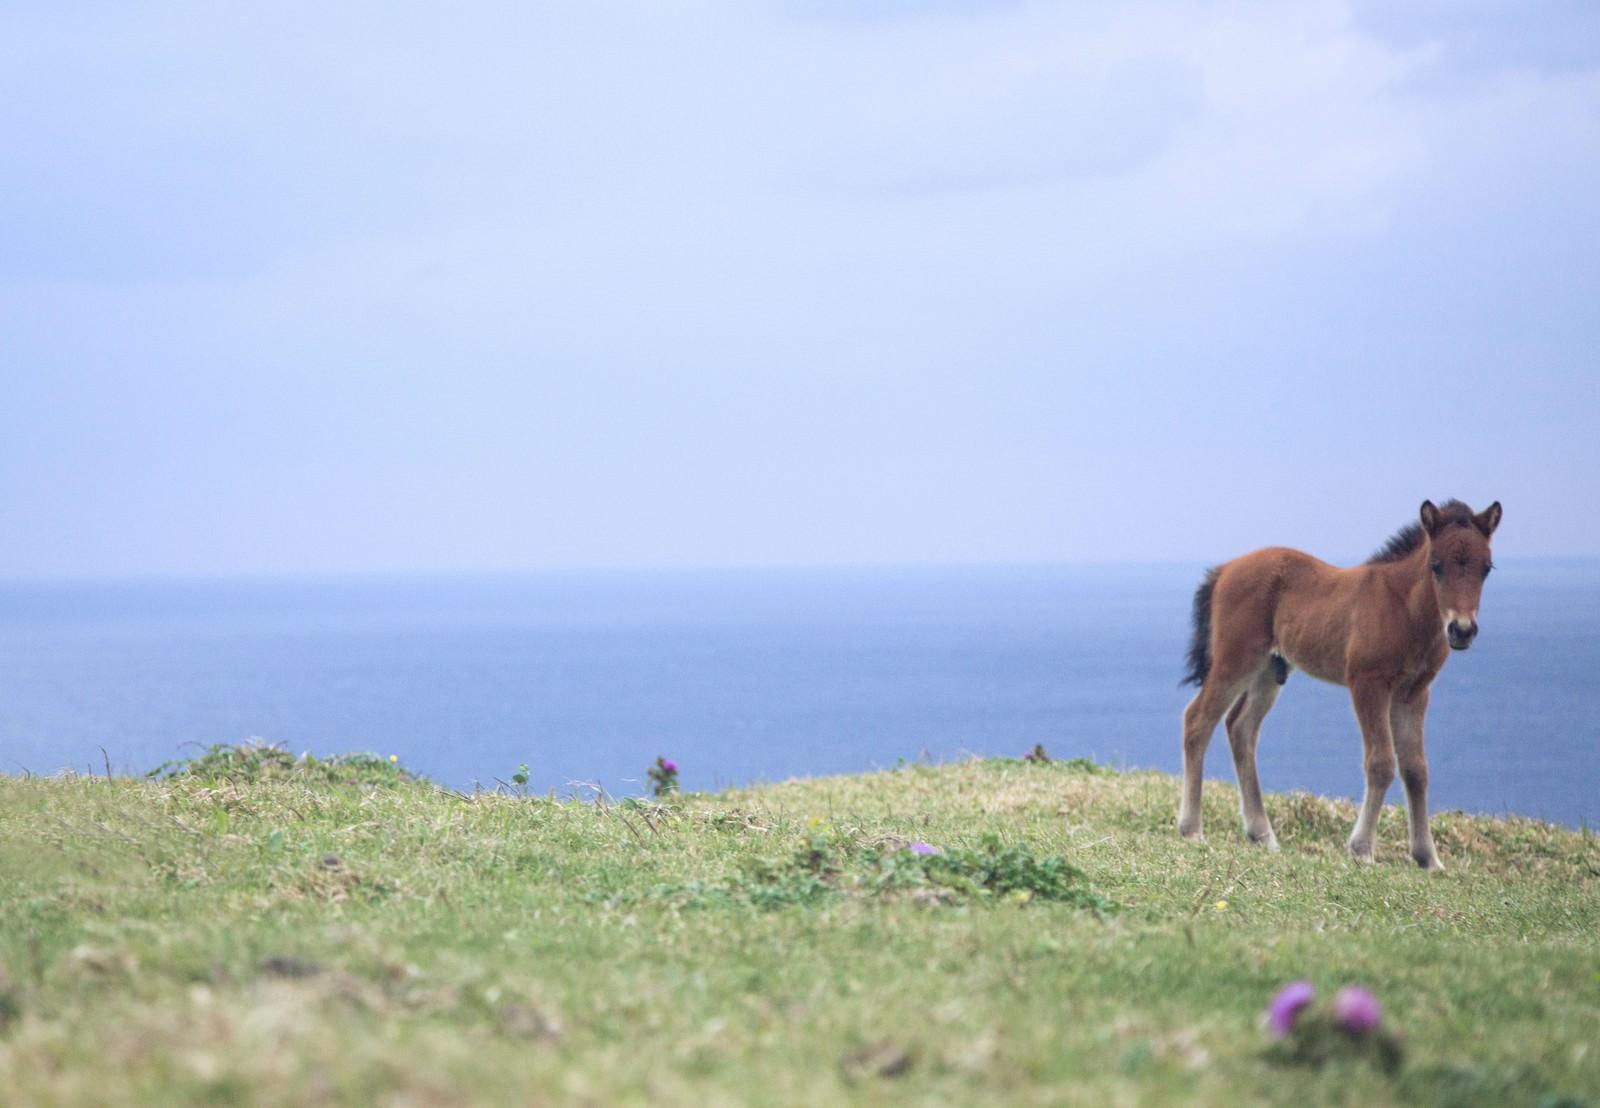 「与那国島でのびのび生きる子馬」の写真